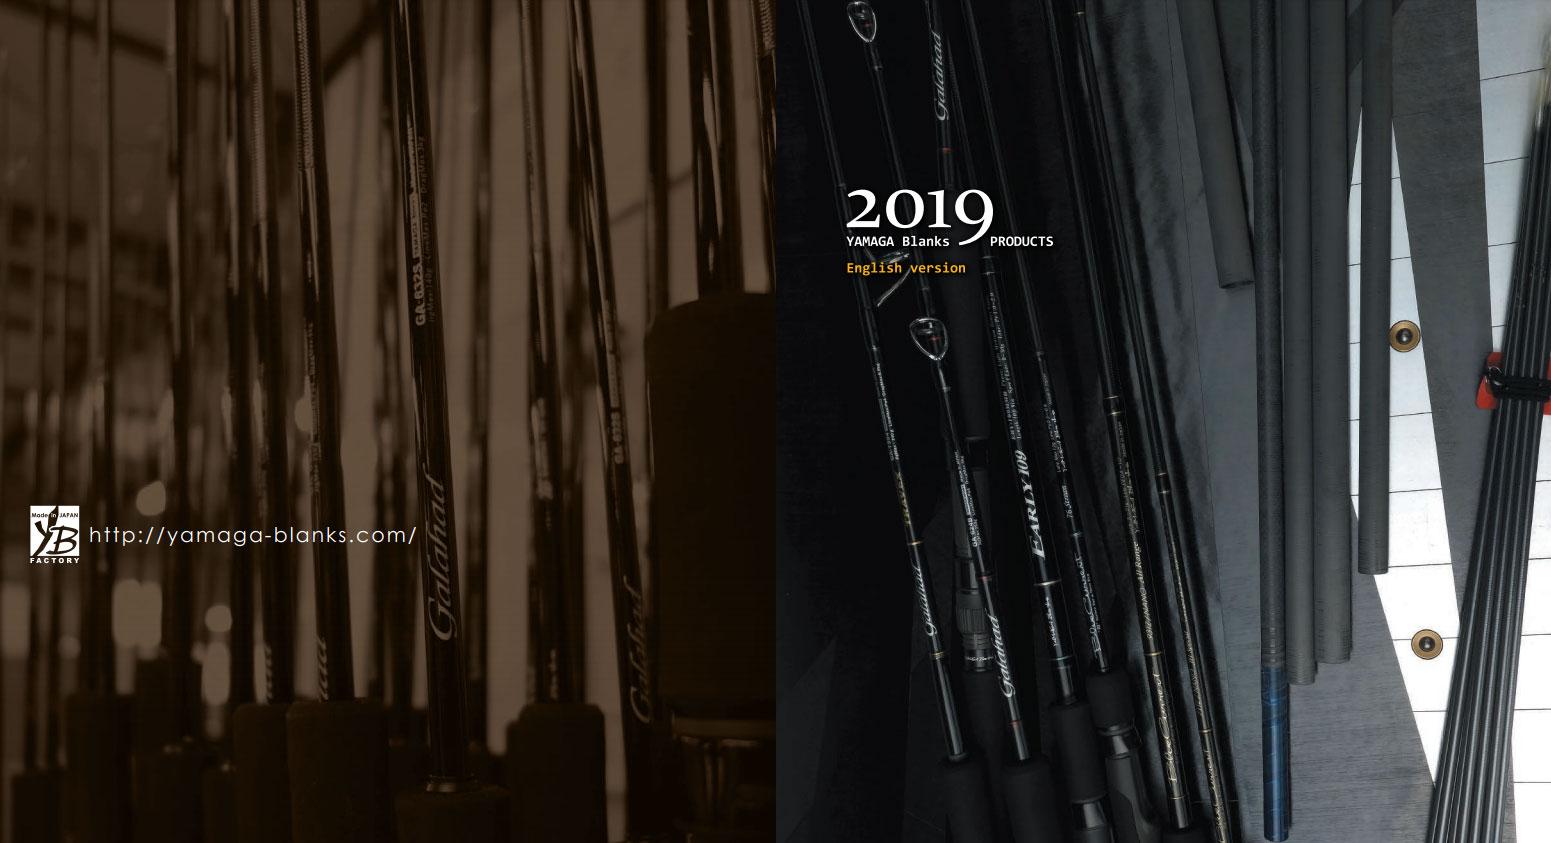 Yamaga Blanks Katalog 2019